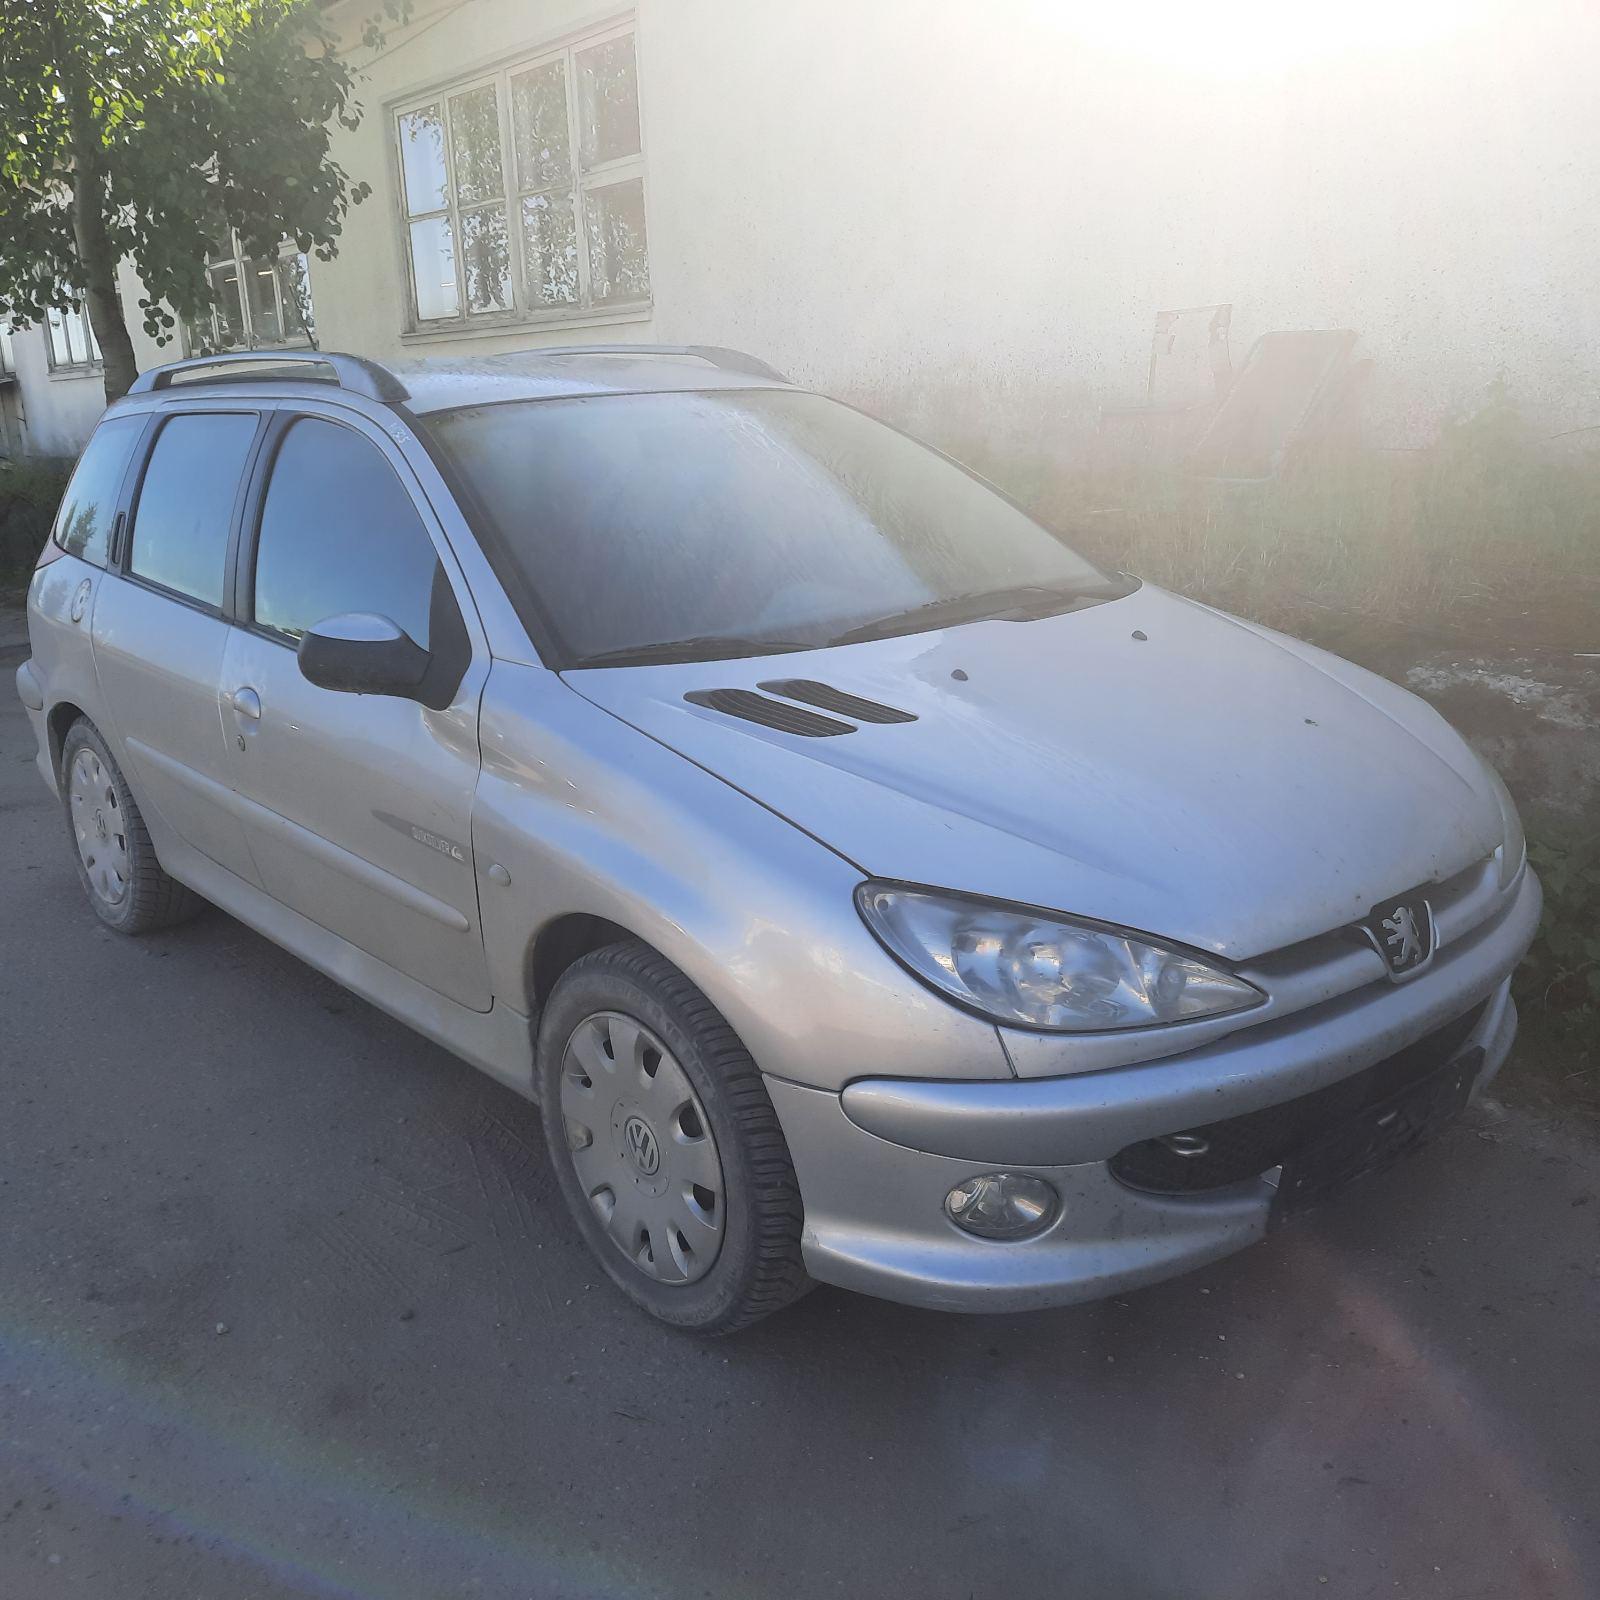 Подержанные Автозапчасти Peugeot 206 2003 2.0 машиностроение универсал 4/5 d. Серый 2021-6-16